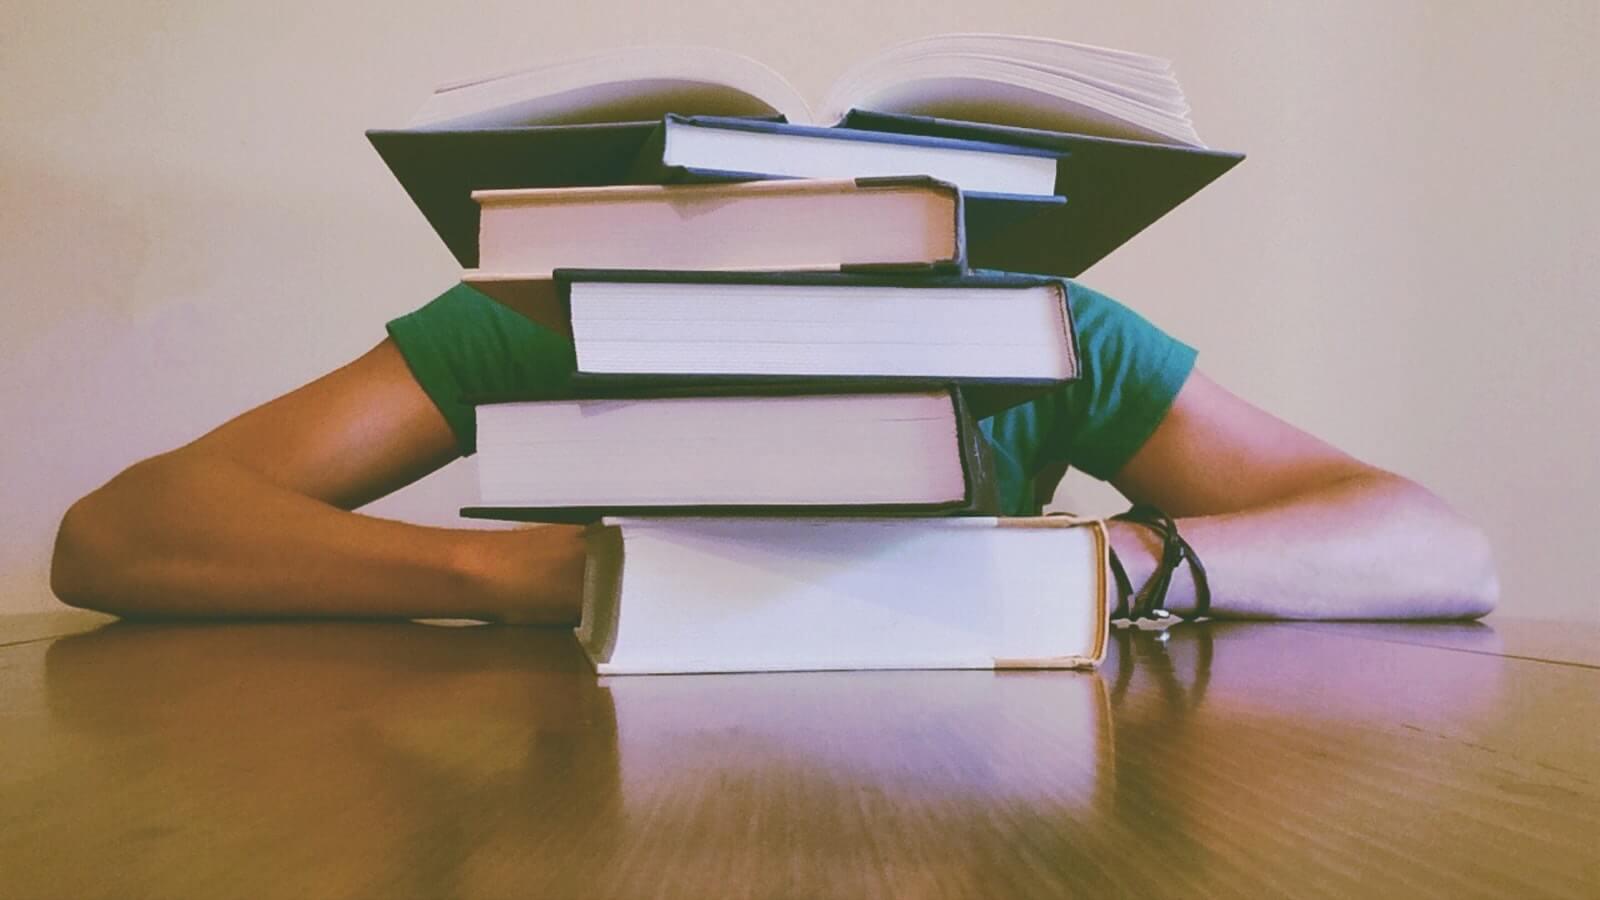 Üniversitede Artık Dayanamıyorum Dedirten 5 Durum!